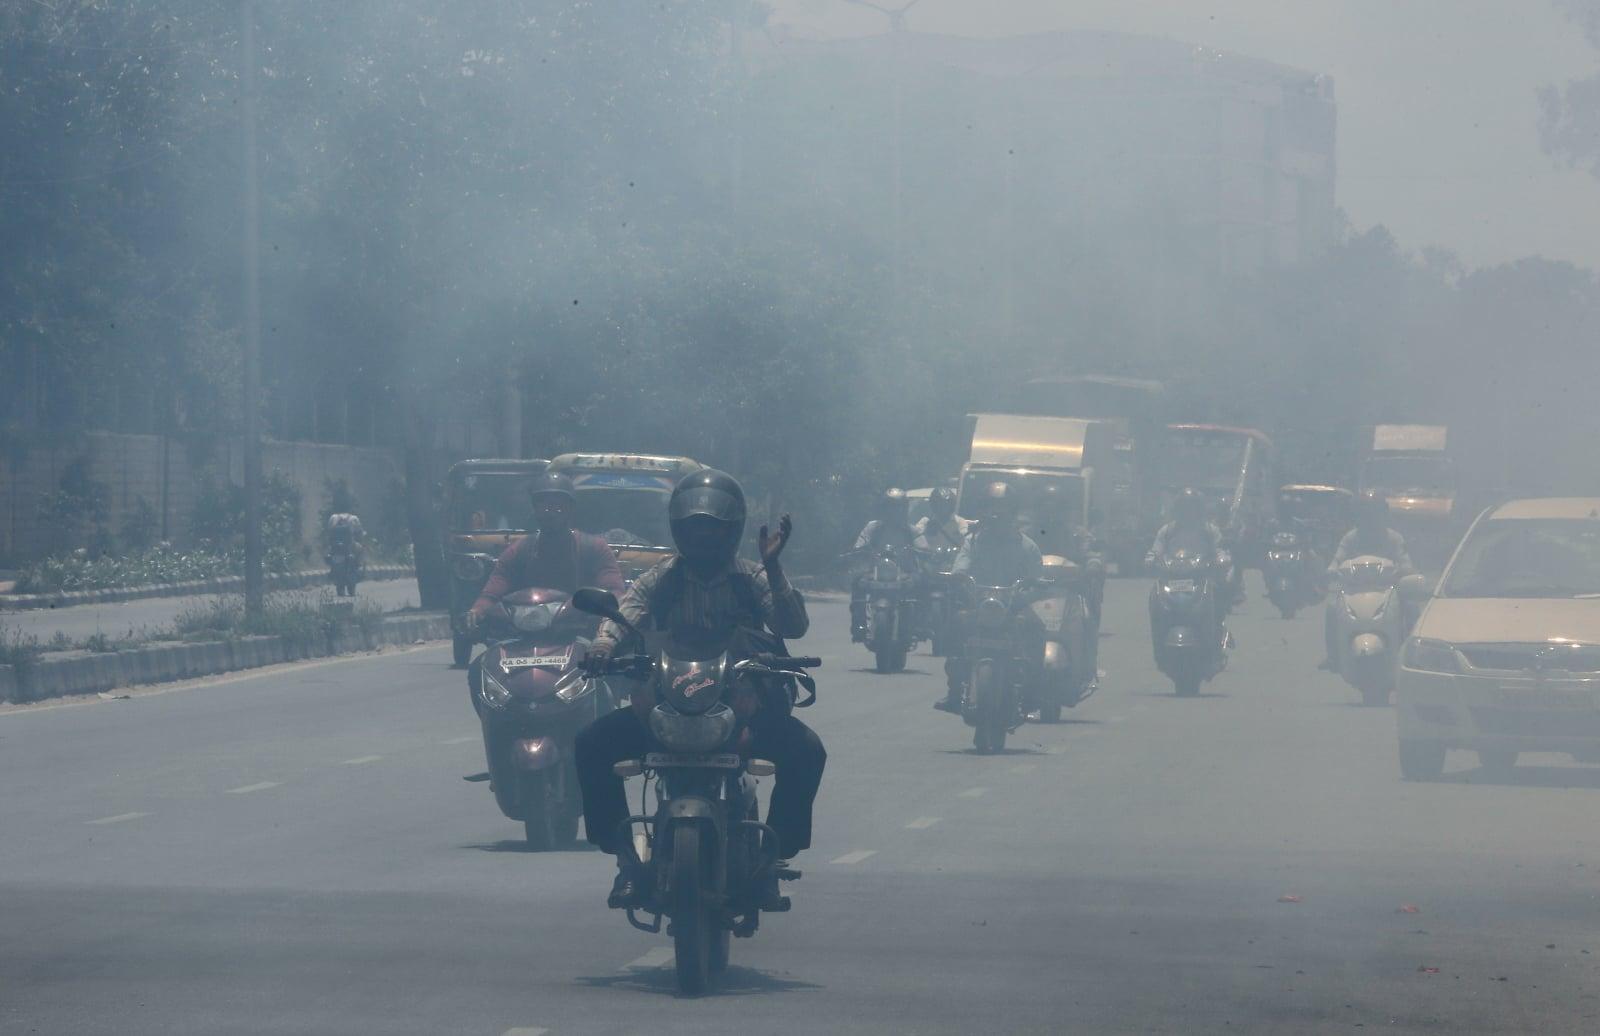 Zanieczyszczenie powietrza w Bengaluru, Indie. Fot. PAP/EPA/JAGADEESH NV